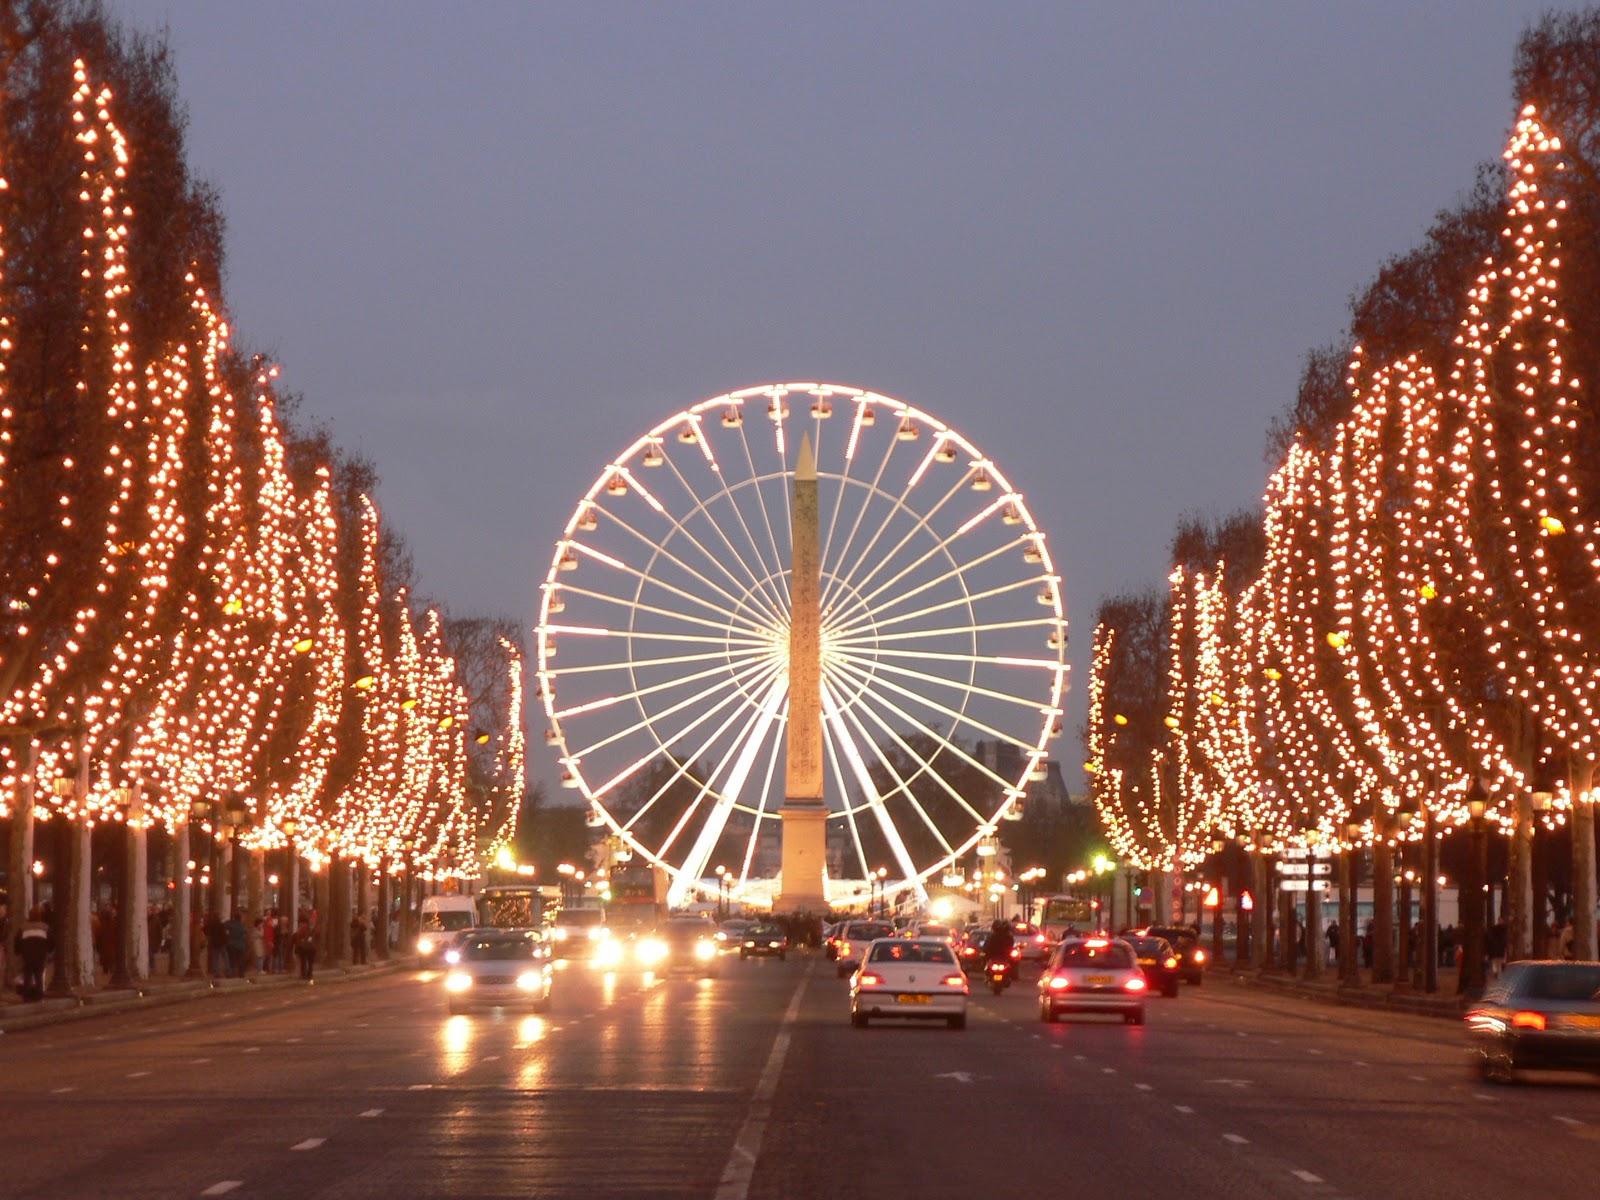 Paris Weihnachtsmarkt.Paris 2010 2011 Weihnachtsmarkt Auf Der Champs élysées